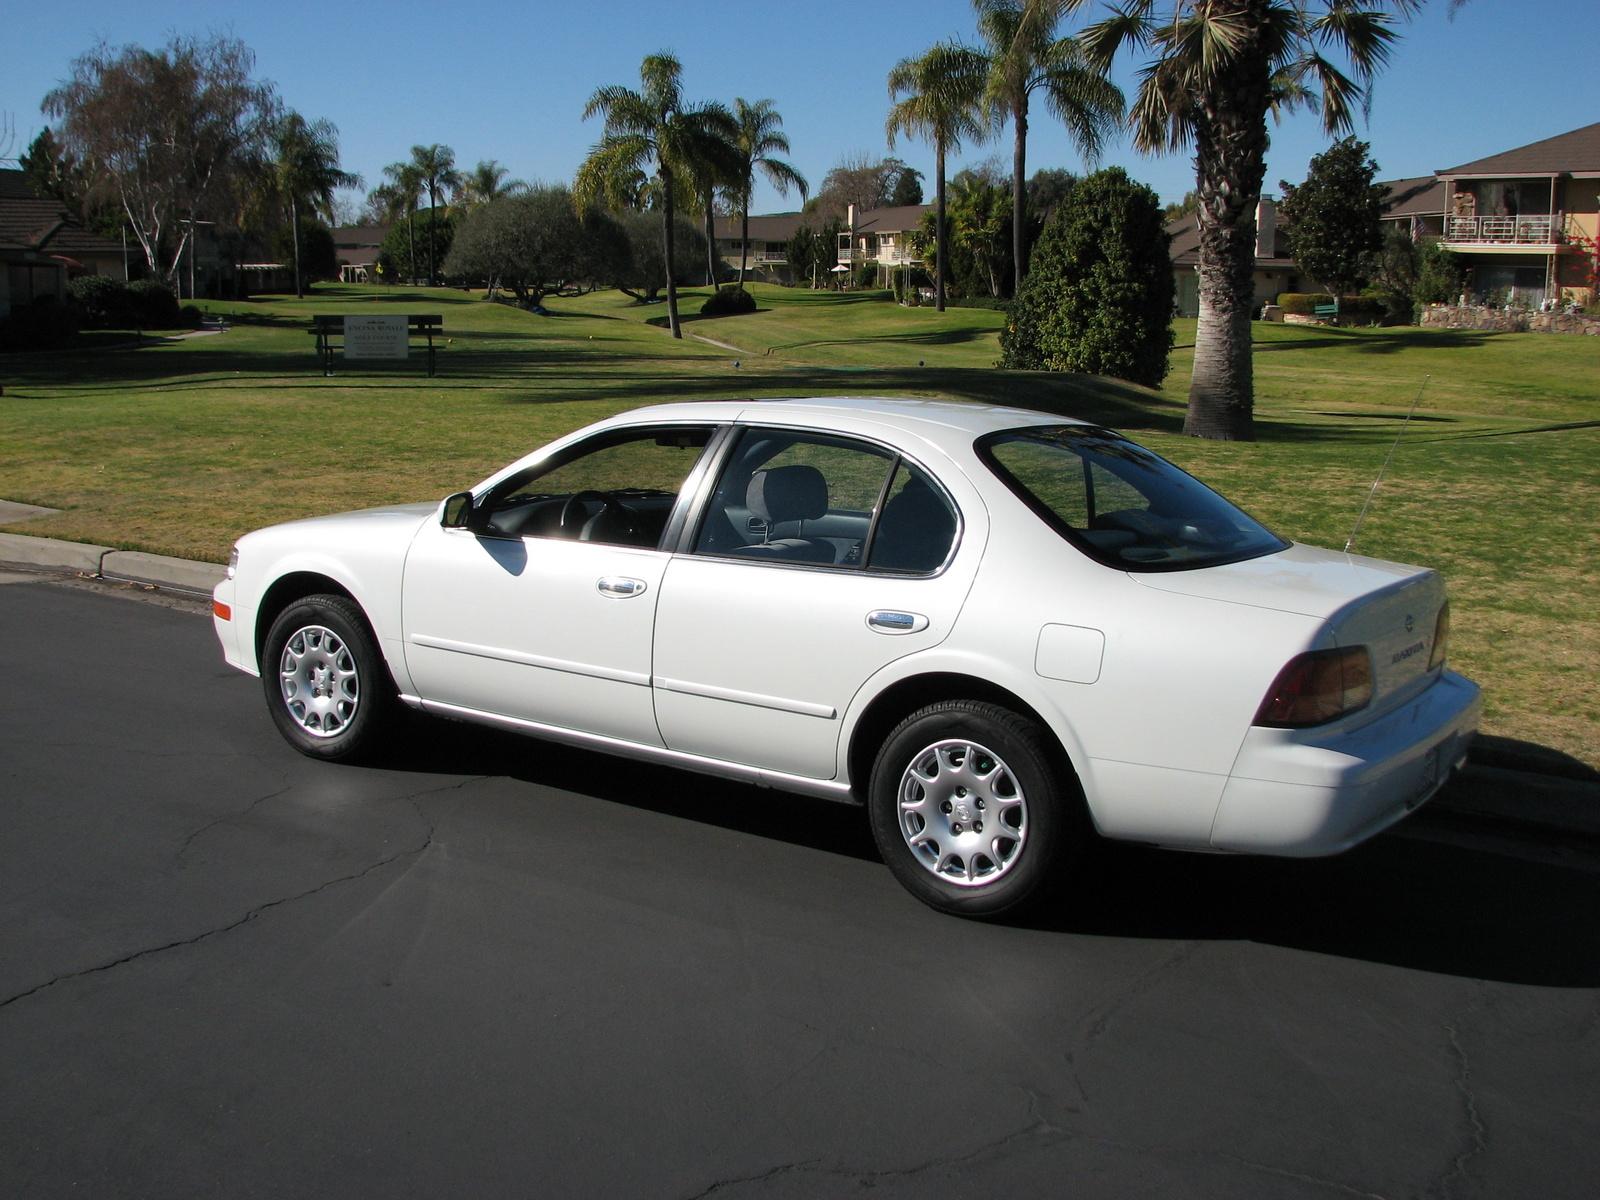 1999 Nissan Maxima Pictures Cargurus